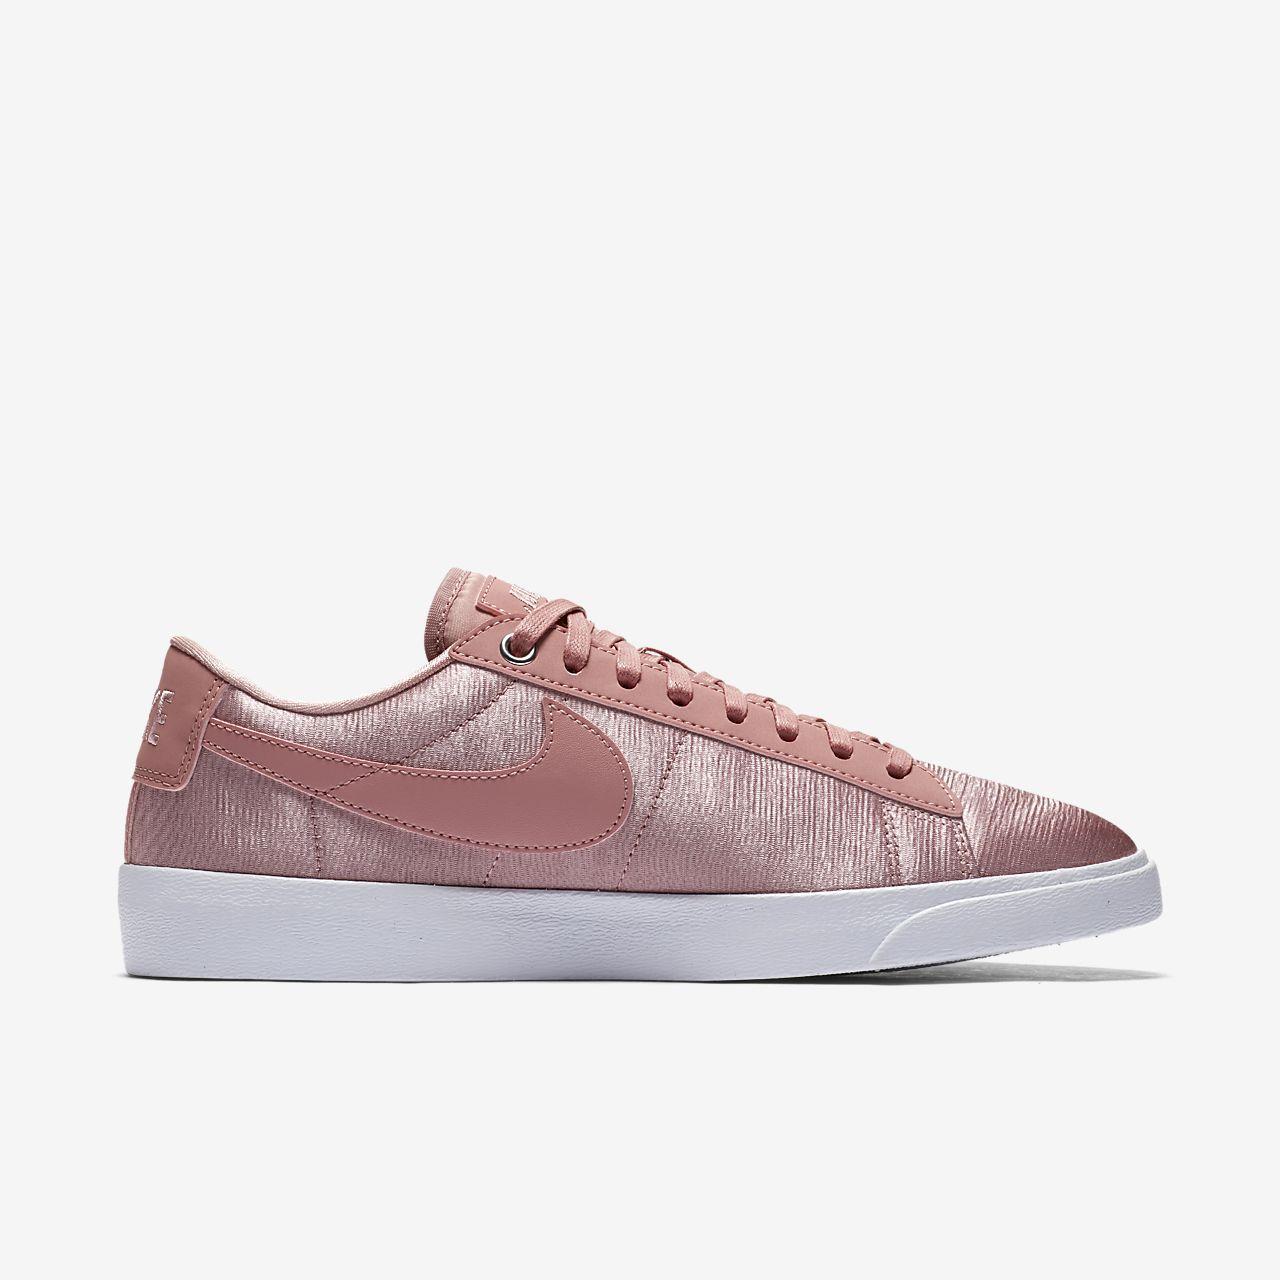 Nike - Damen - W Blazer Low Se - Sneaker - rosa IT2guEII